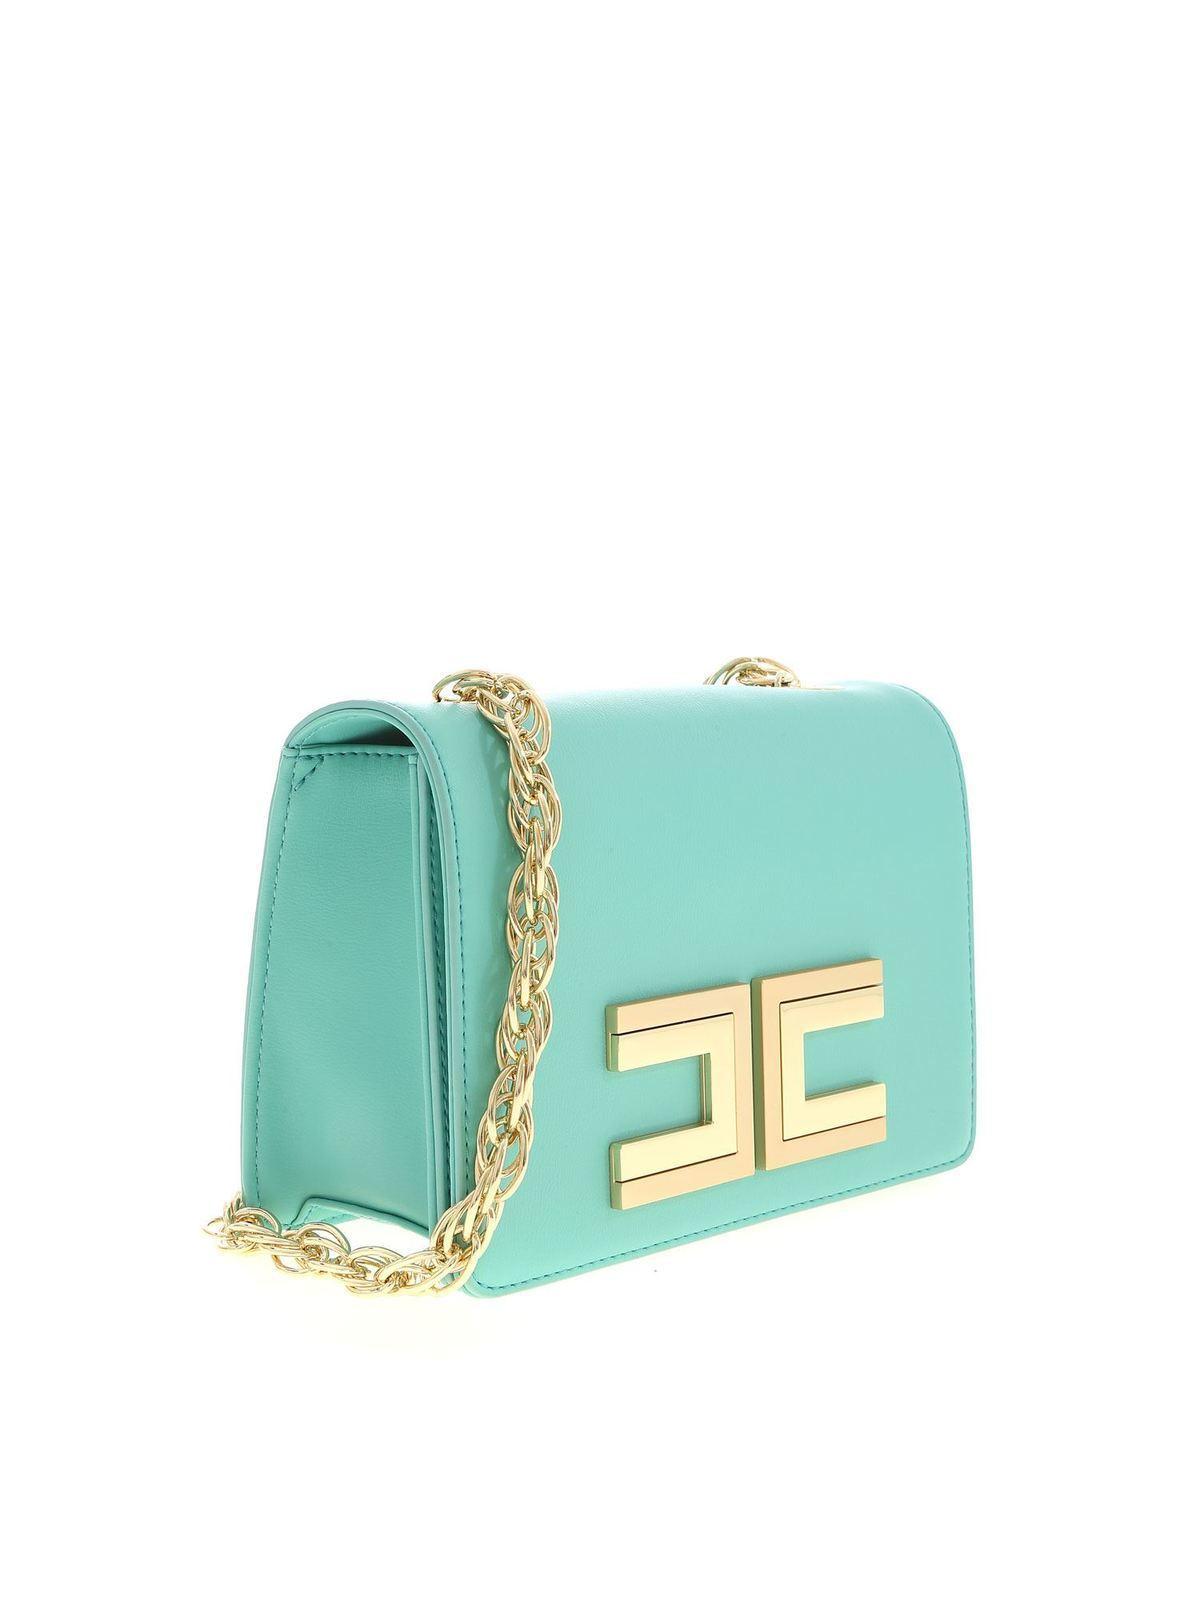 Borse Tiffany.Elisabetta Franchi Borsa Color Tiffany Con Logo Dorato Borse A Tracolla Bs12a01e2v229y04